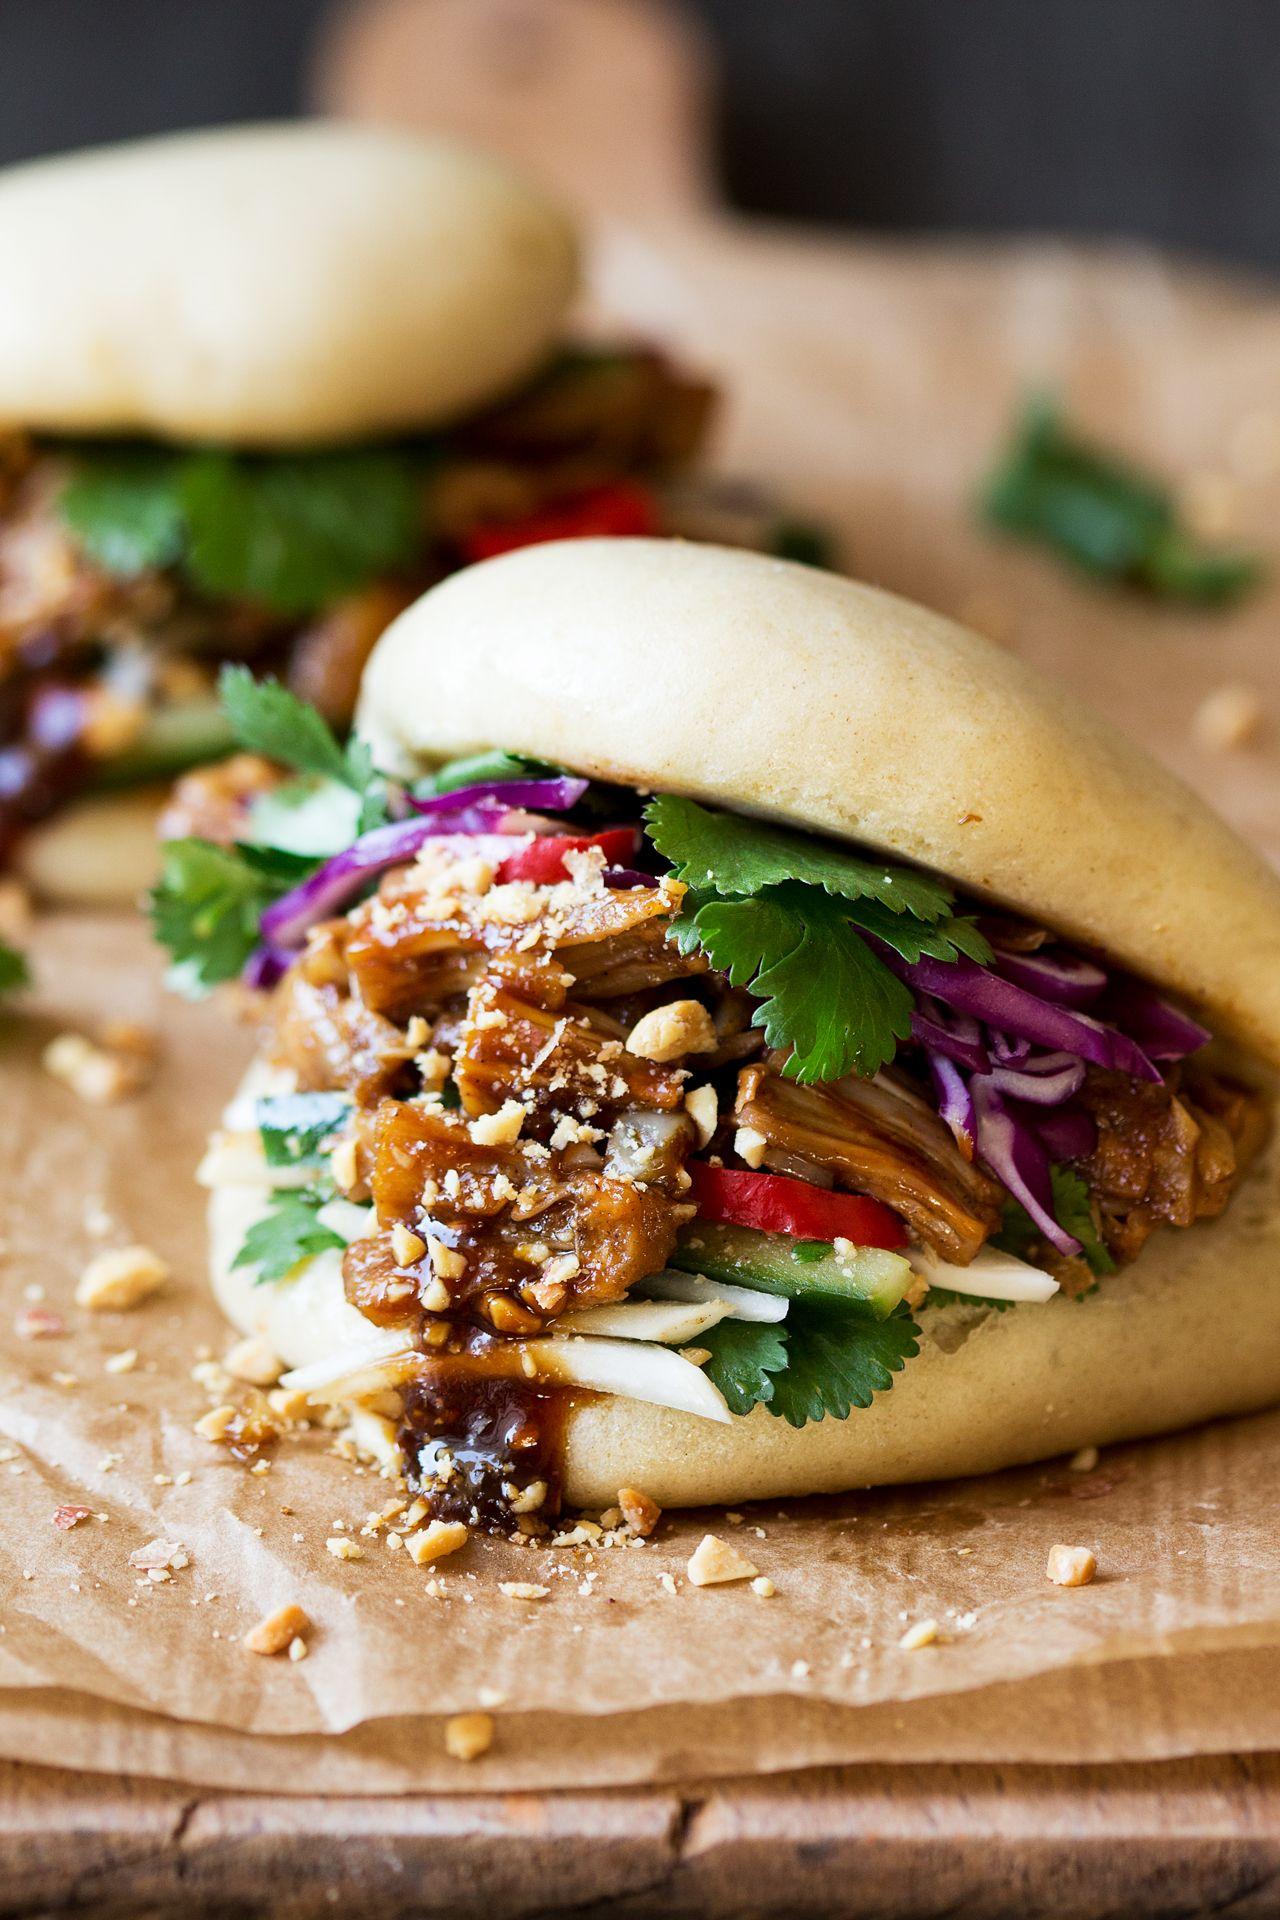 Vegan Bao Buns With Pulled Jackfruit Recipe Jackfruit